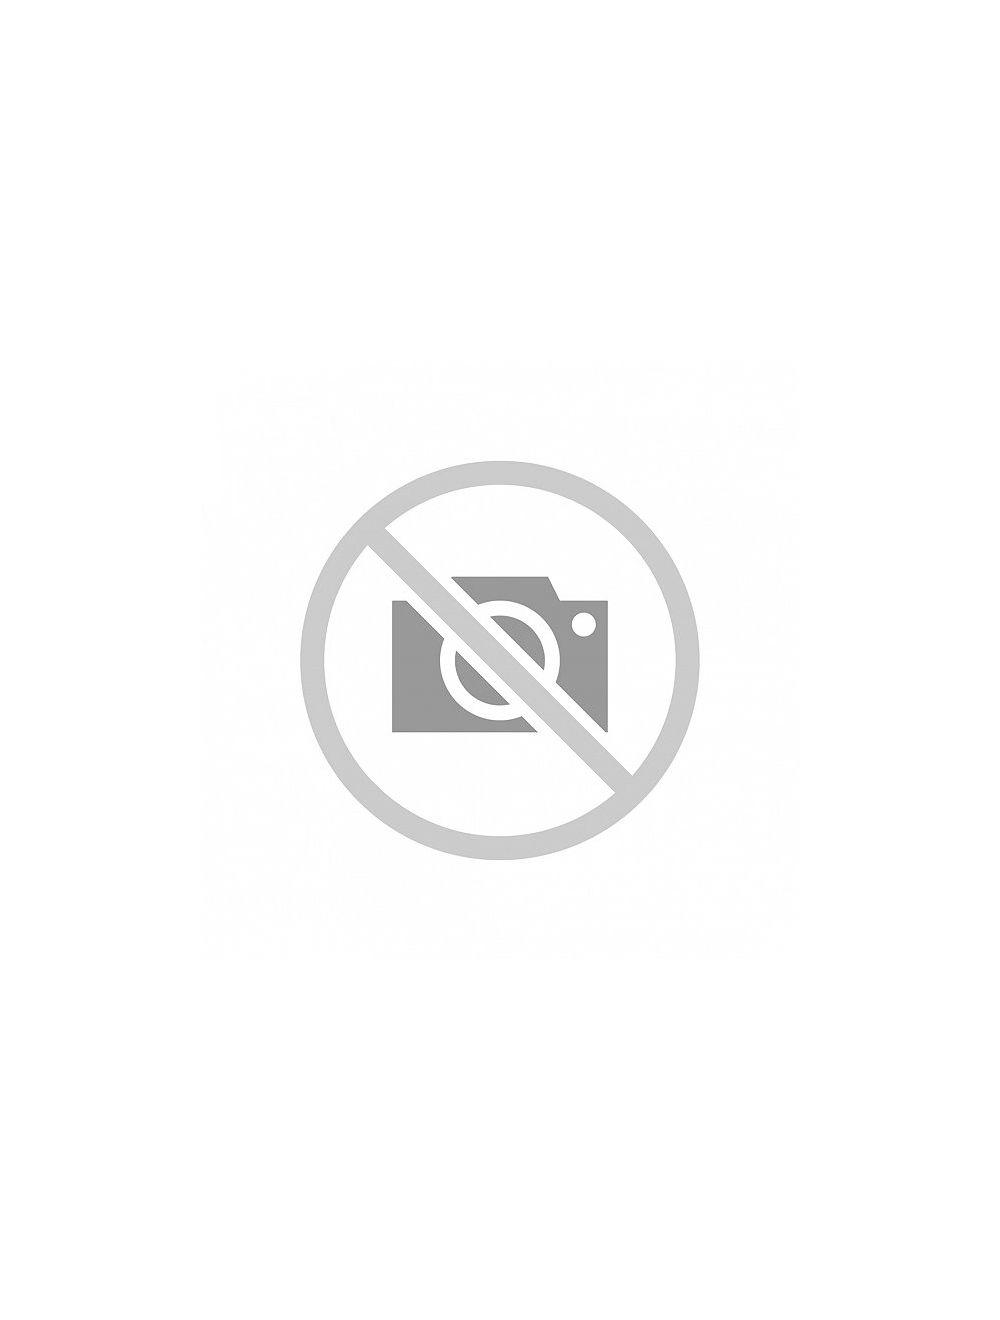 Hankook 225/75R16C R RW15 Téli gumi